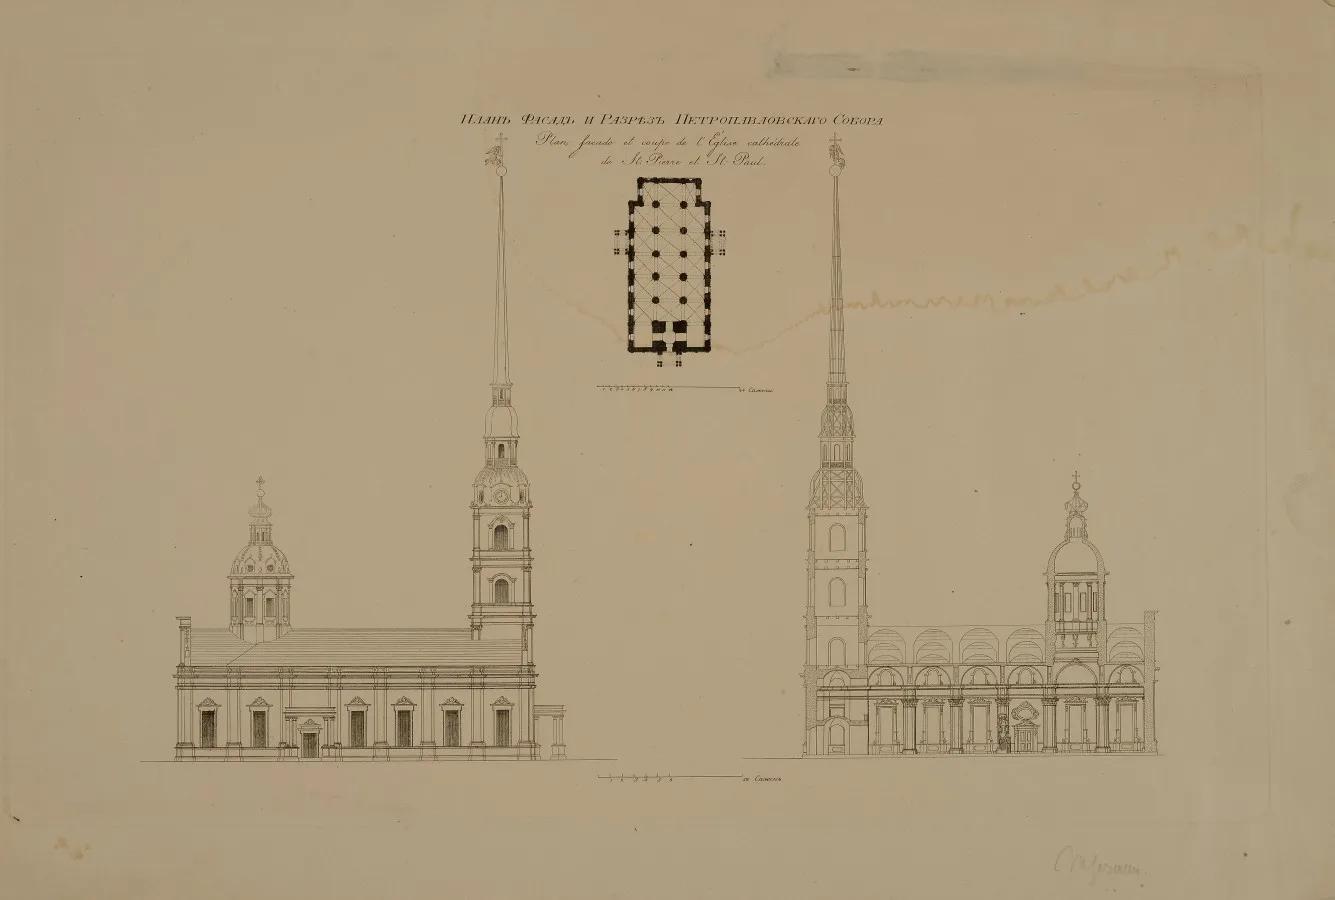 Фасад и план Петропавловского собора в Санкт-Петербурге